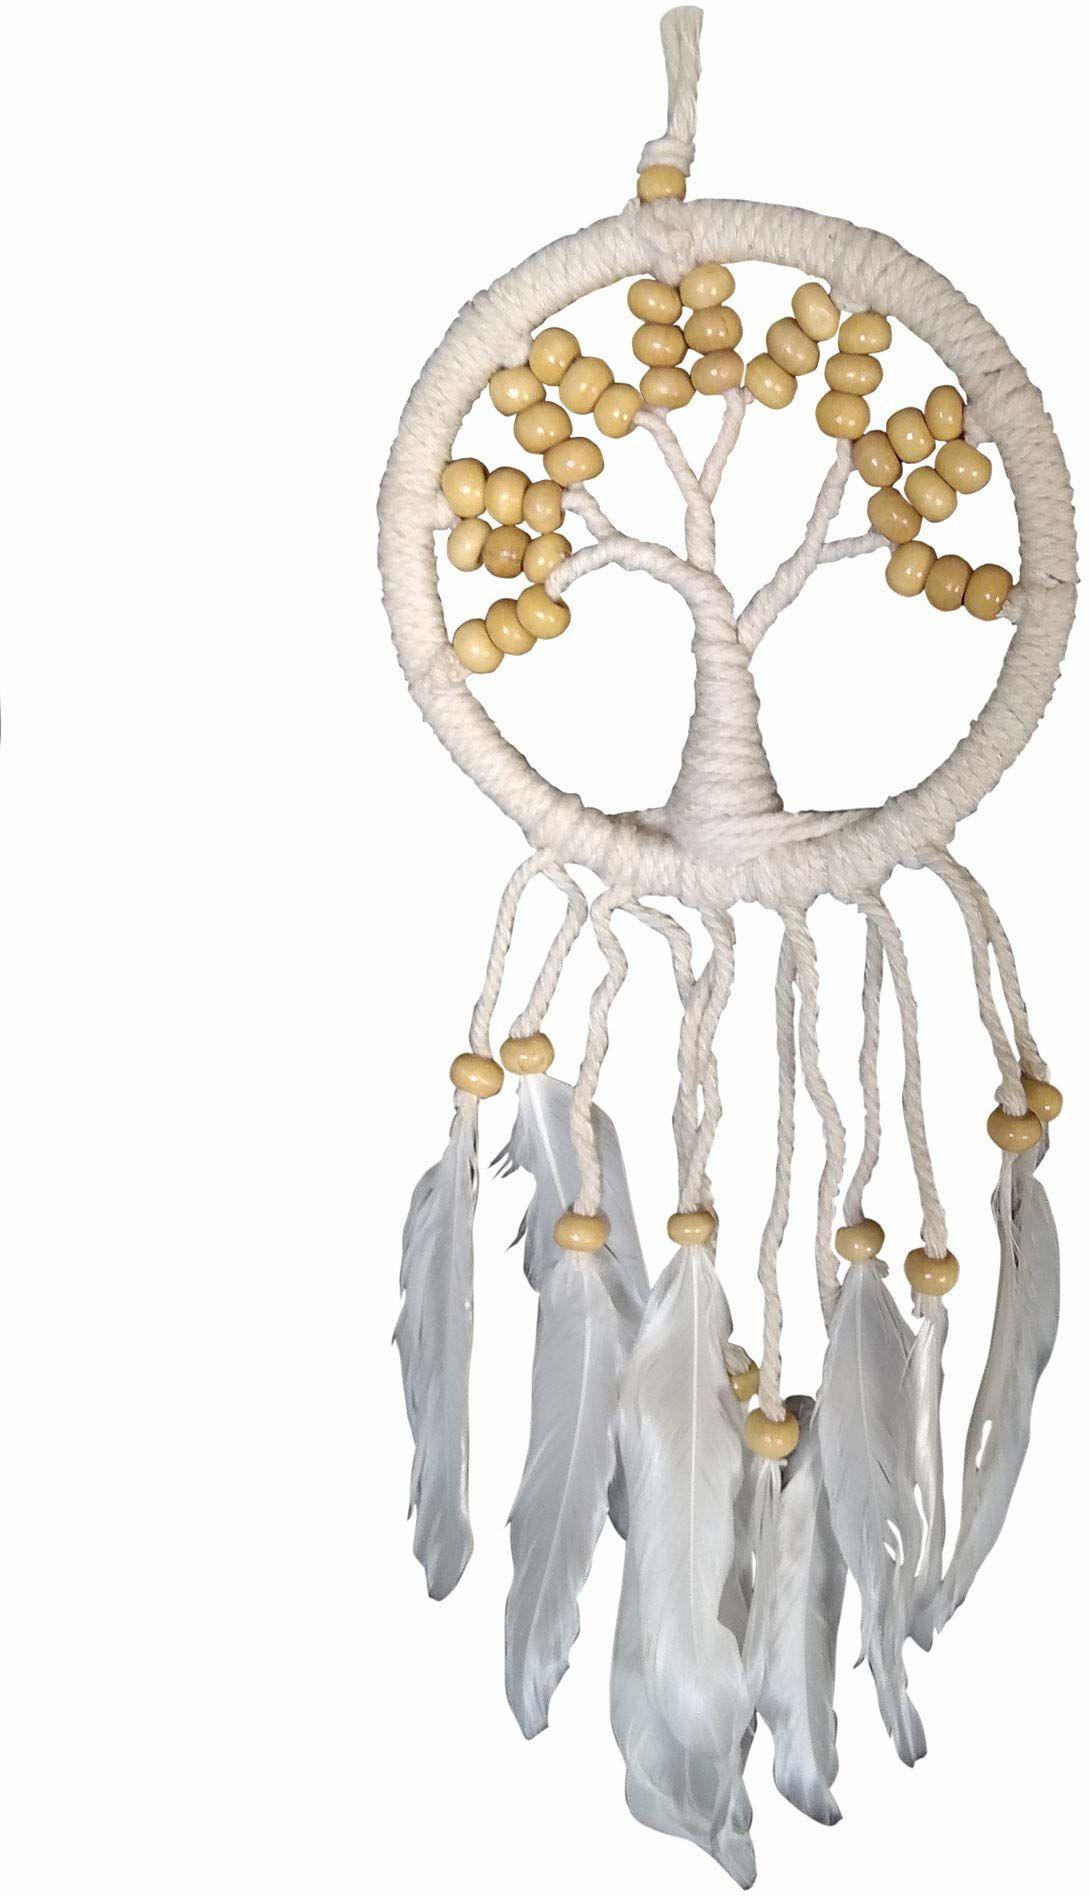 Asiastyle DC-TREEOL01-012WH-NA łapacz snów, biały, naturalny, 12 cm